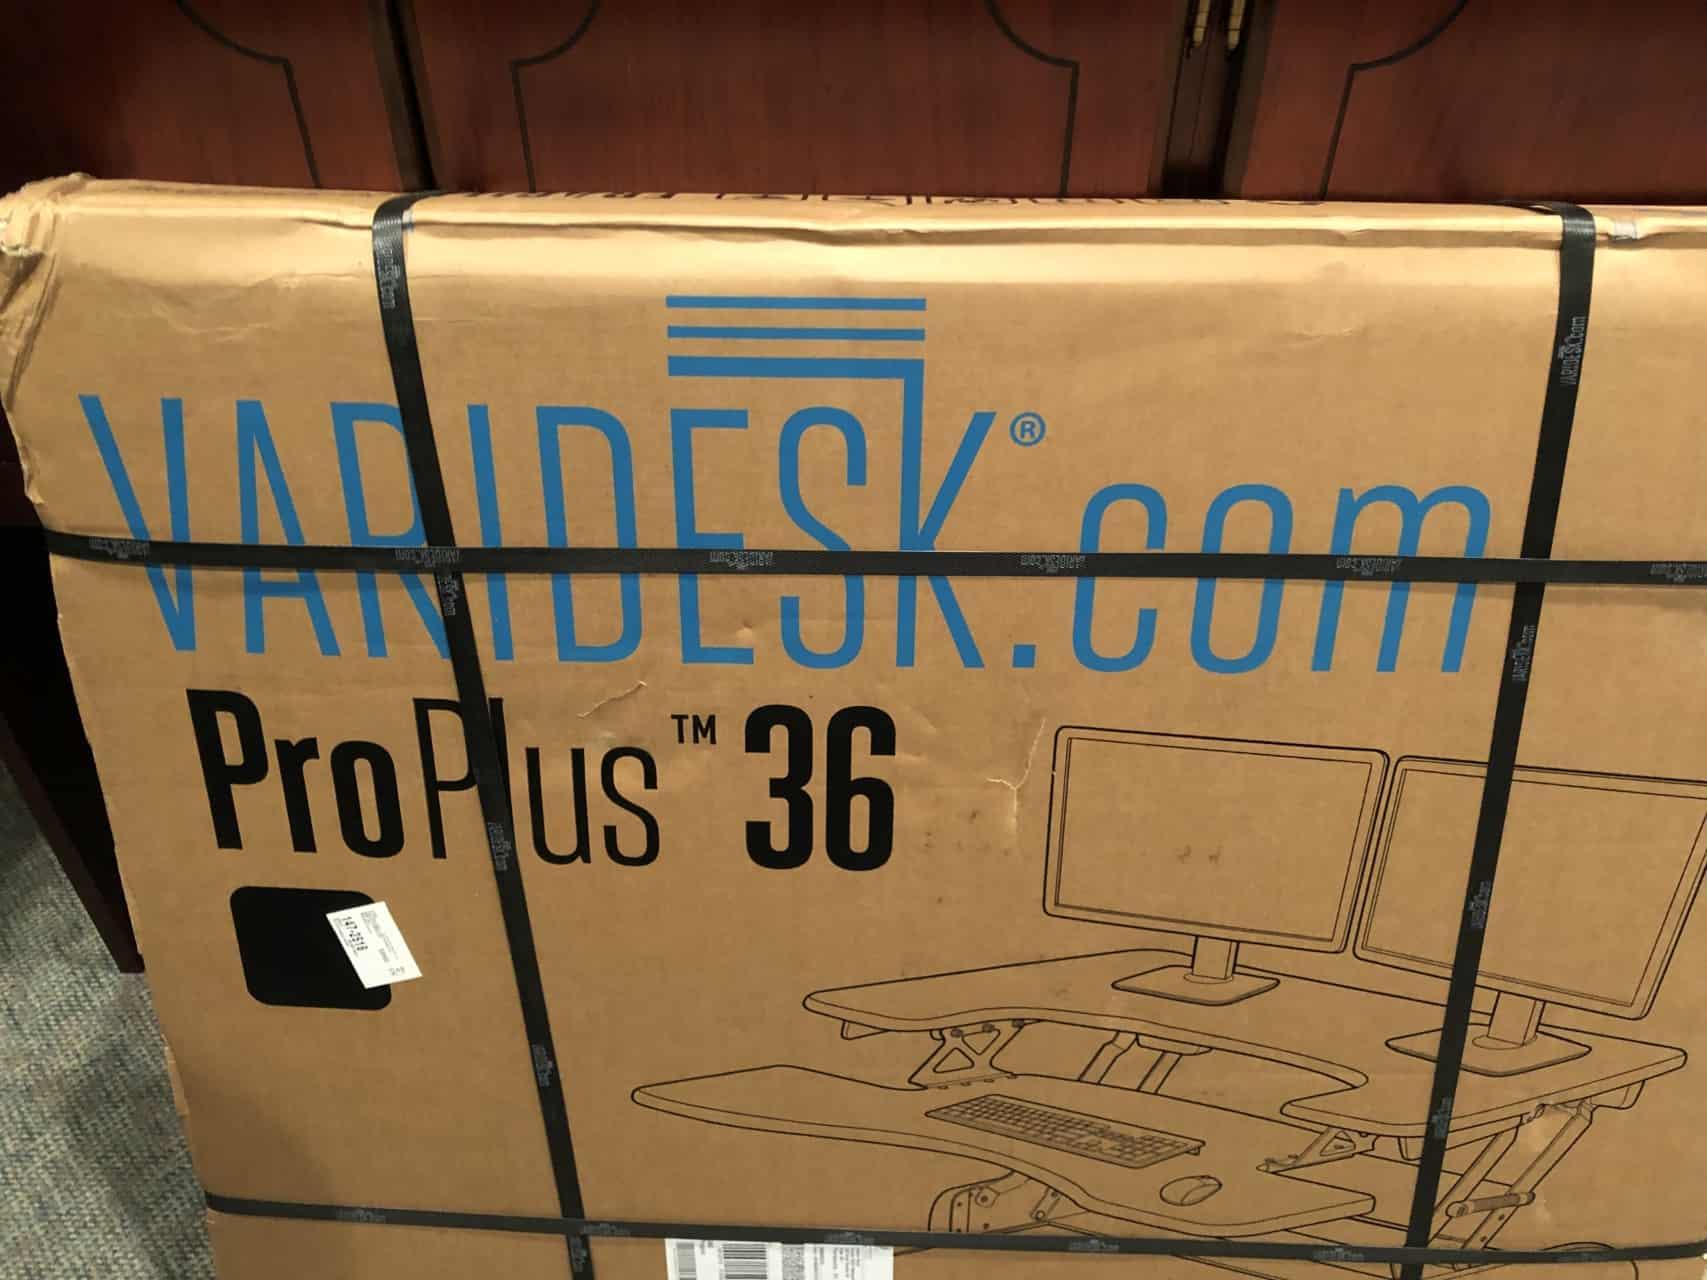 Varidesk ProPlus 36 Standing Desk